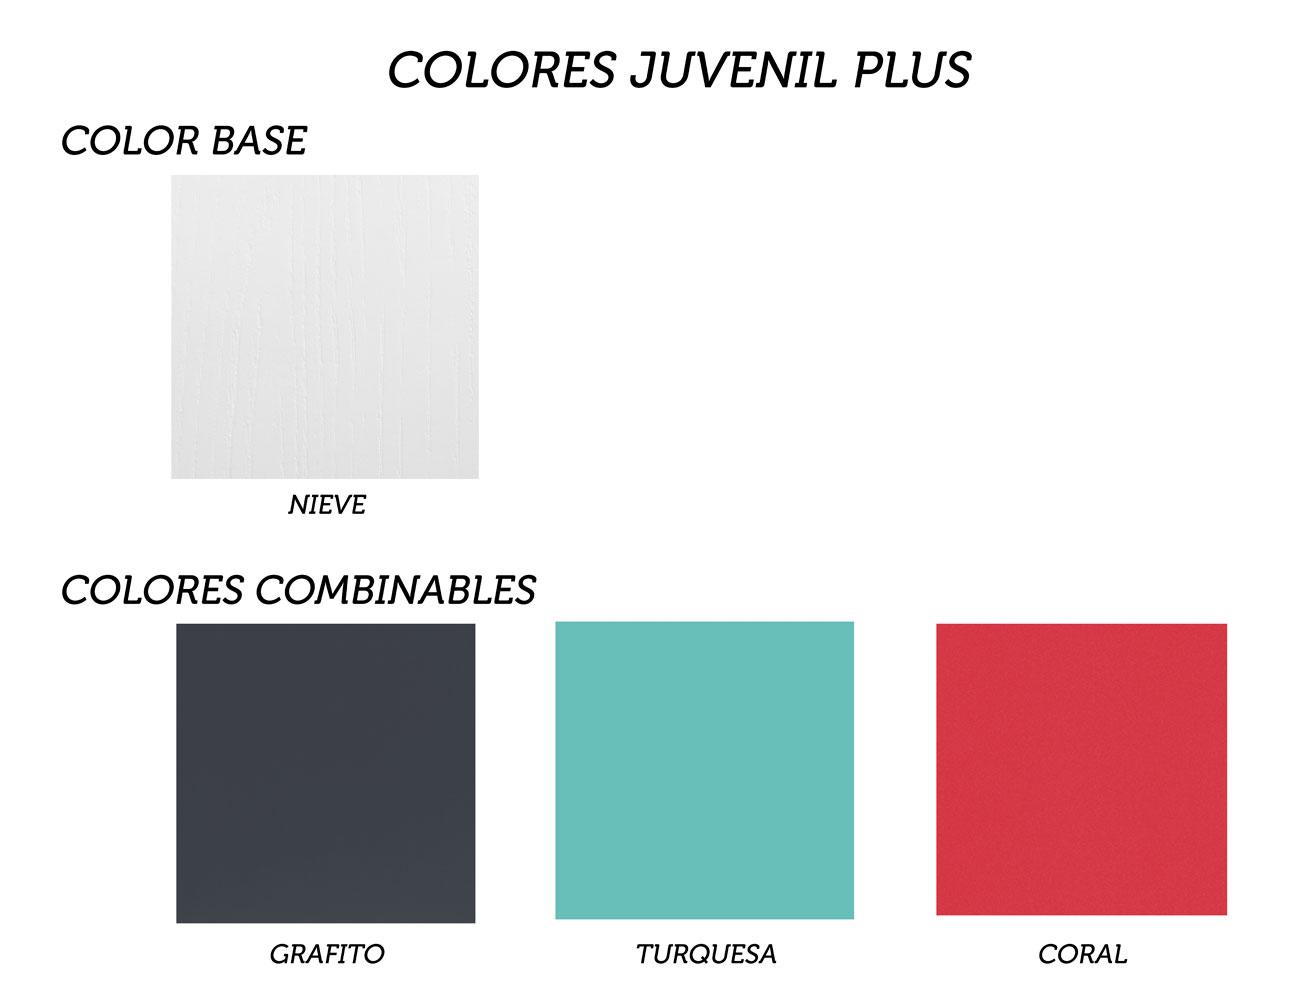 Colores dormitorios juveniles3